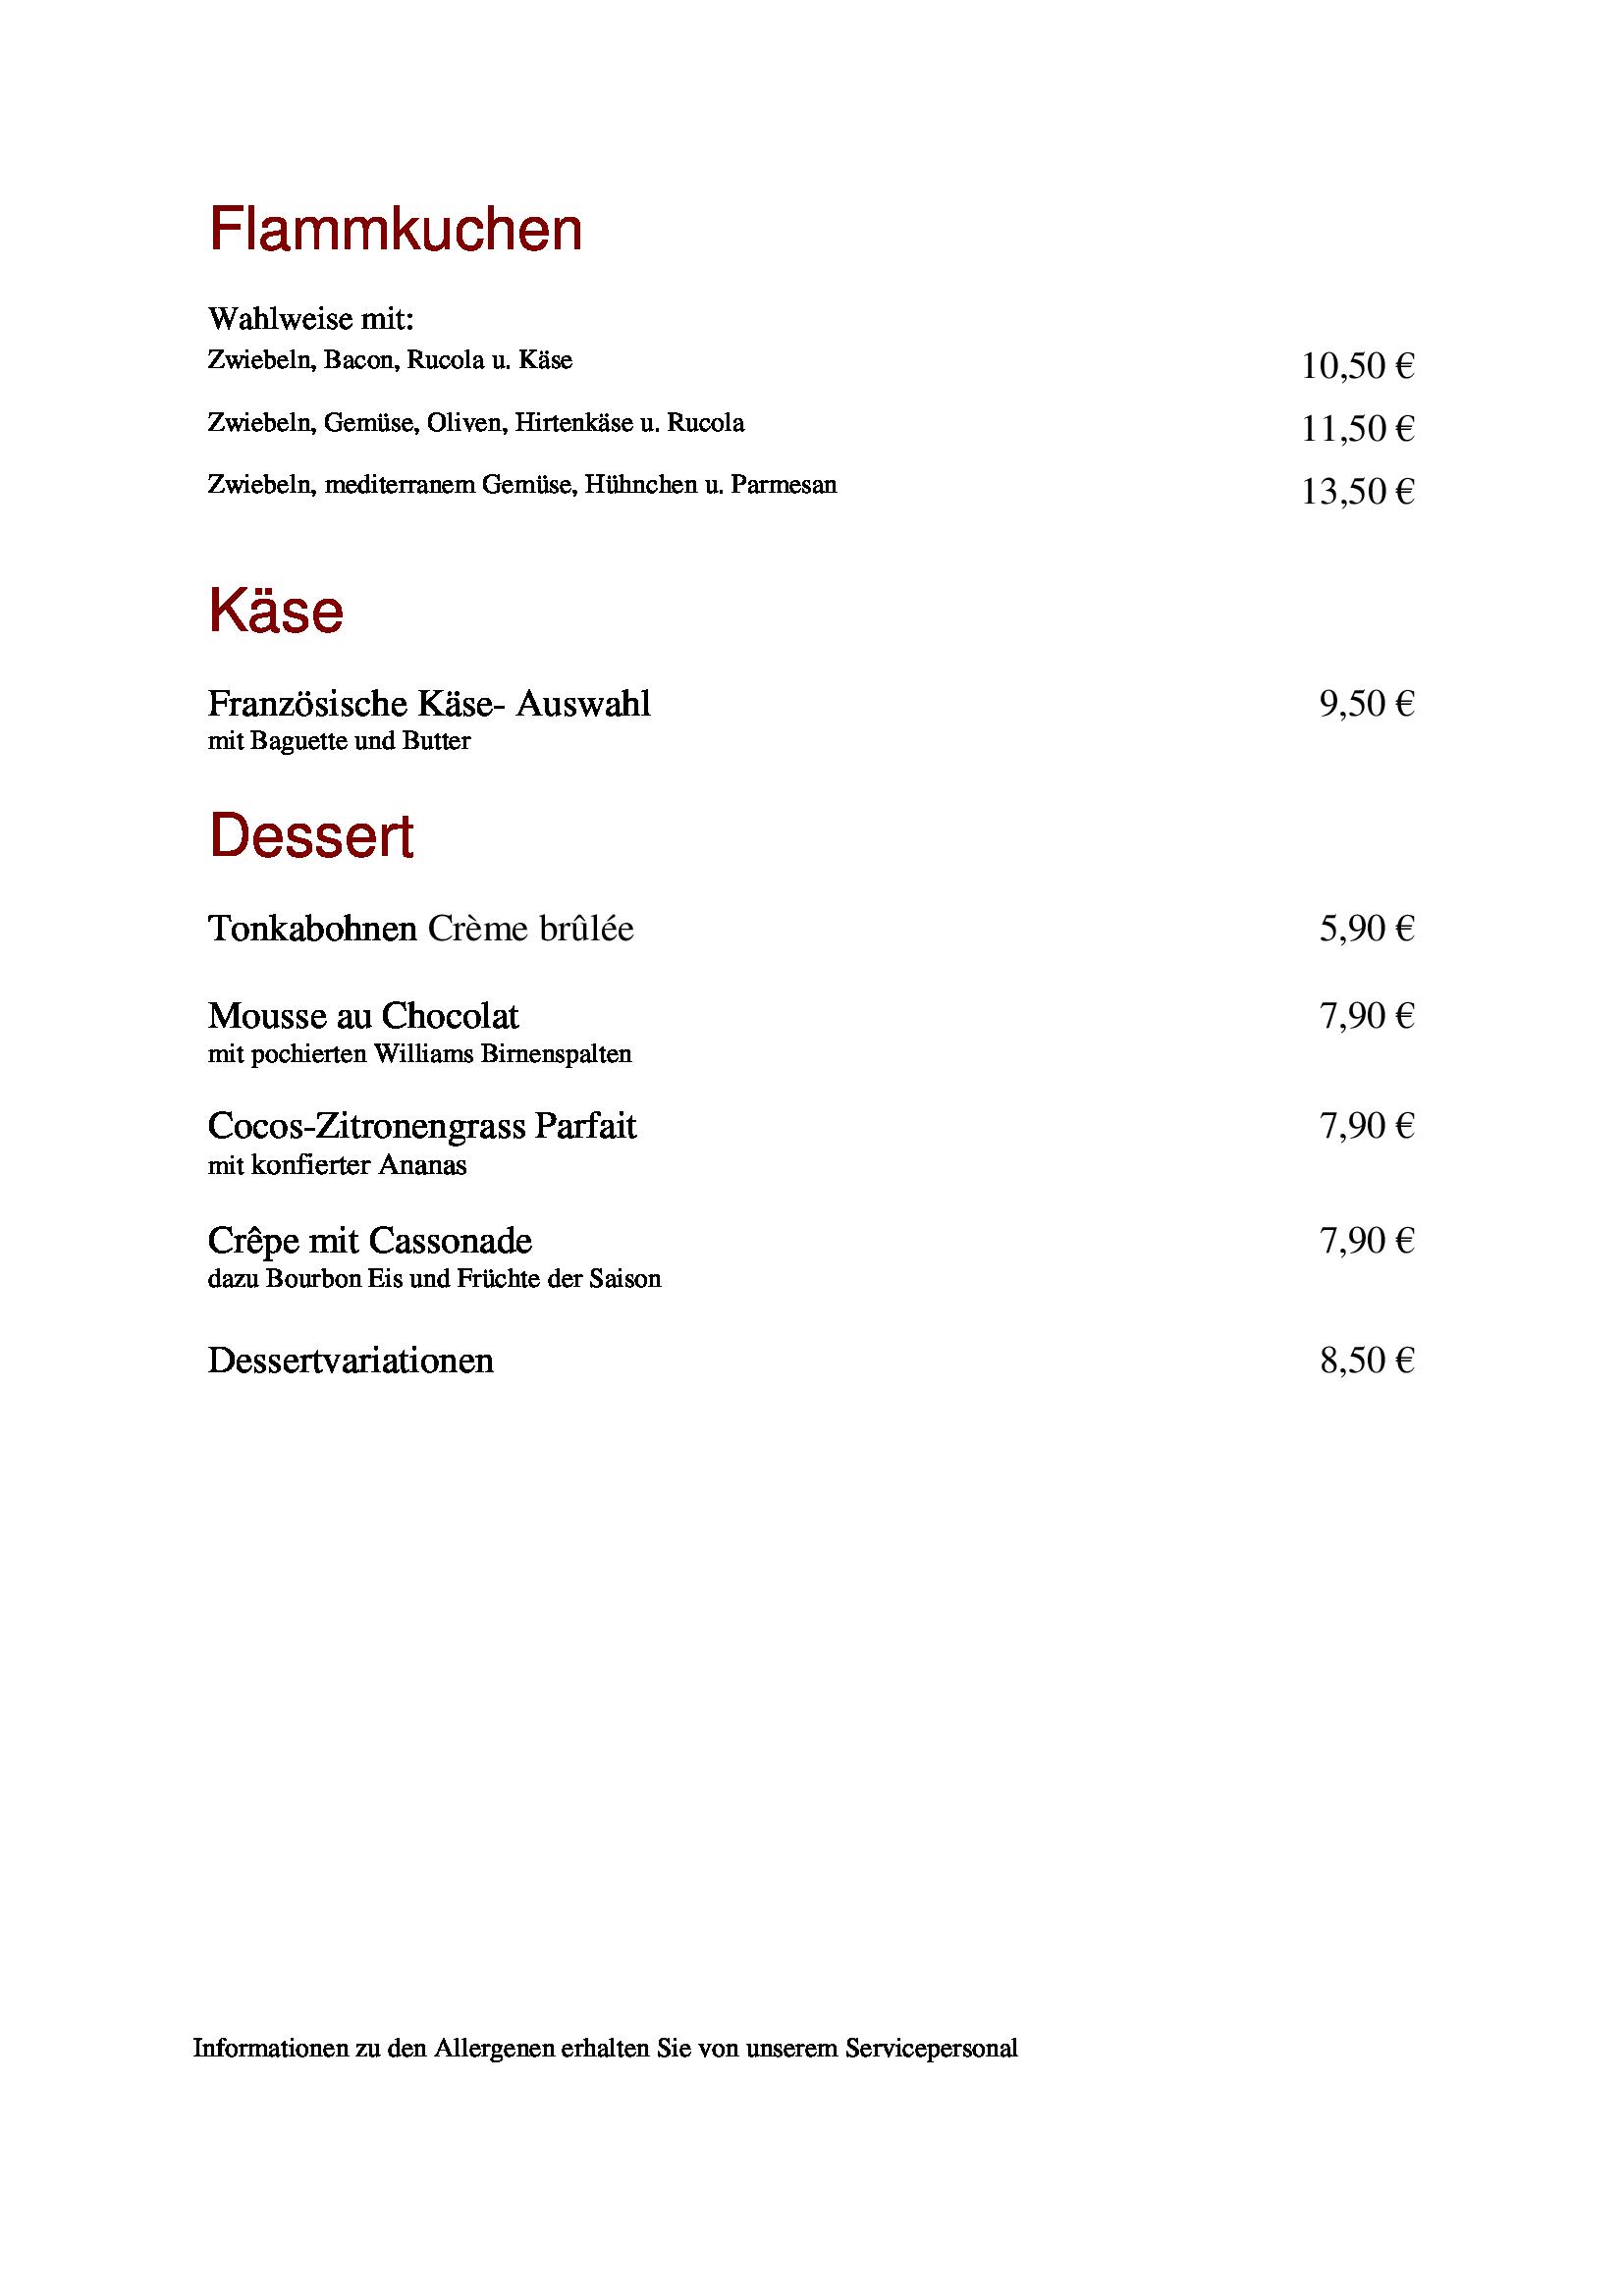 Dessert neu